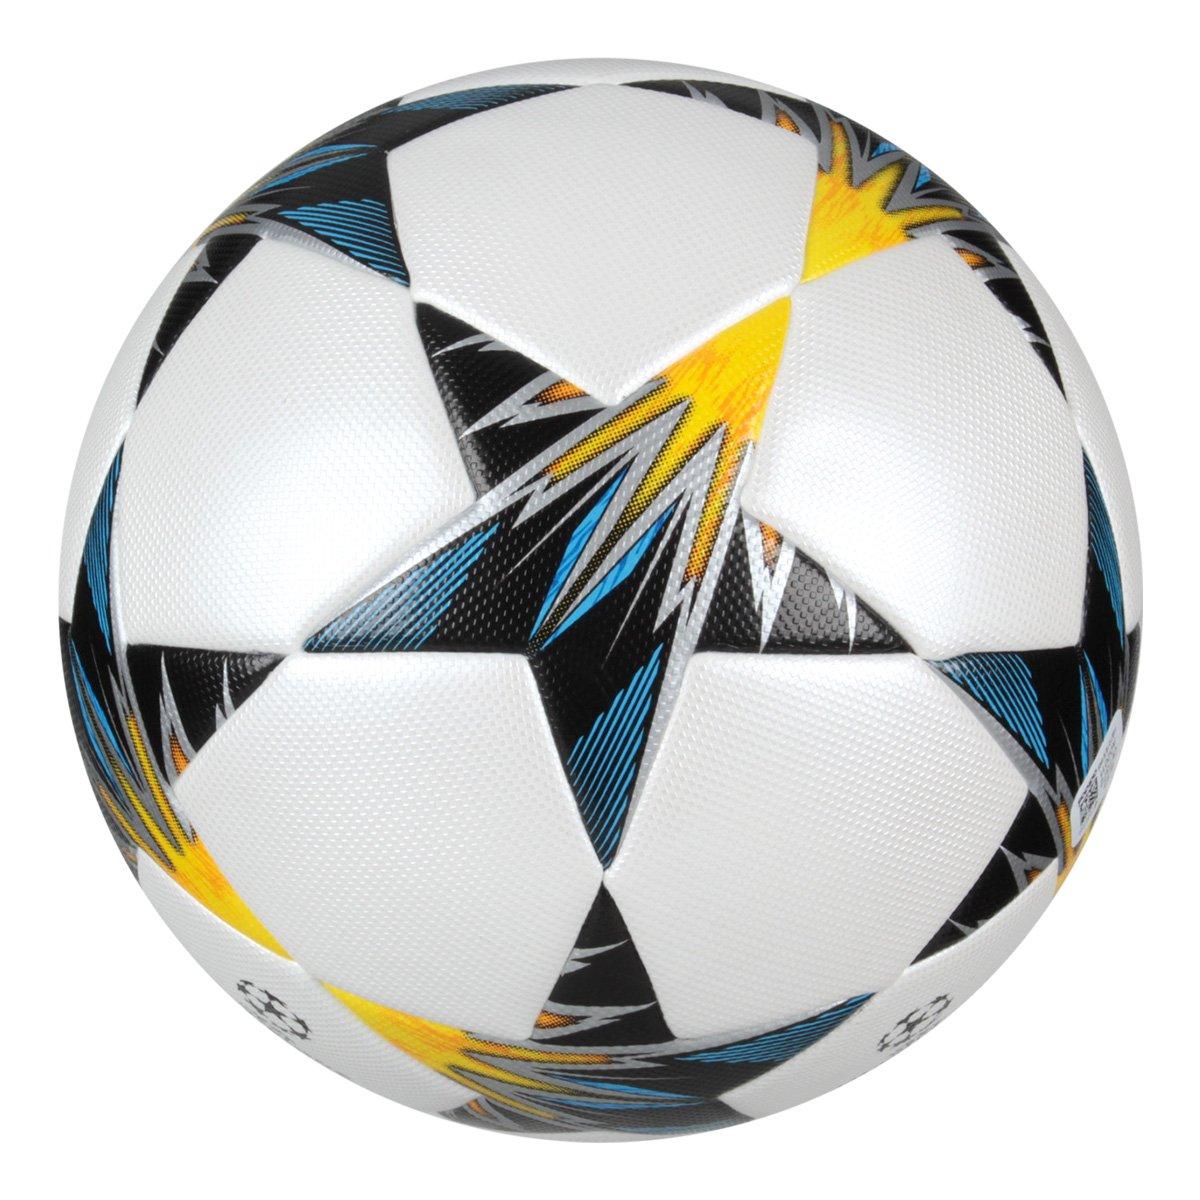 Bola Futebol Society Adidas Finale Kiev Top - Compre Agora  547f9d400a81b